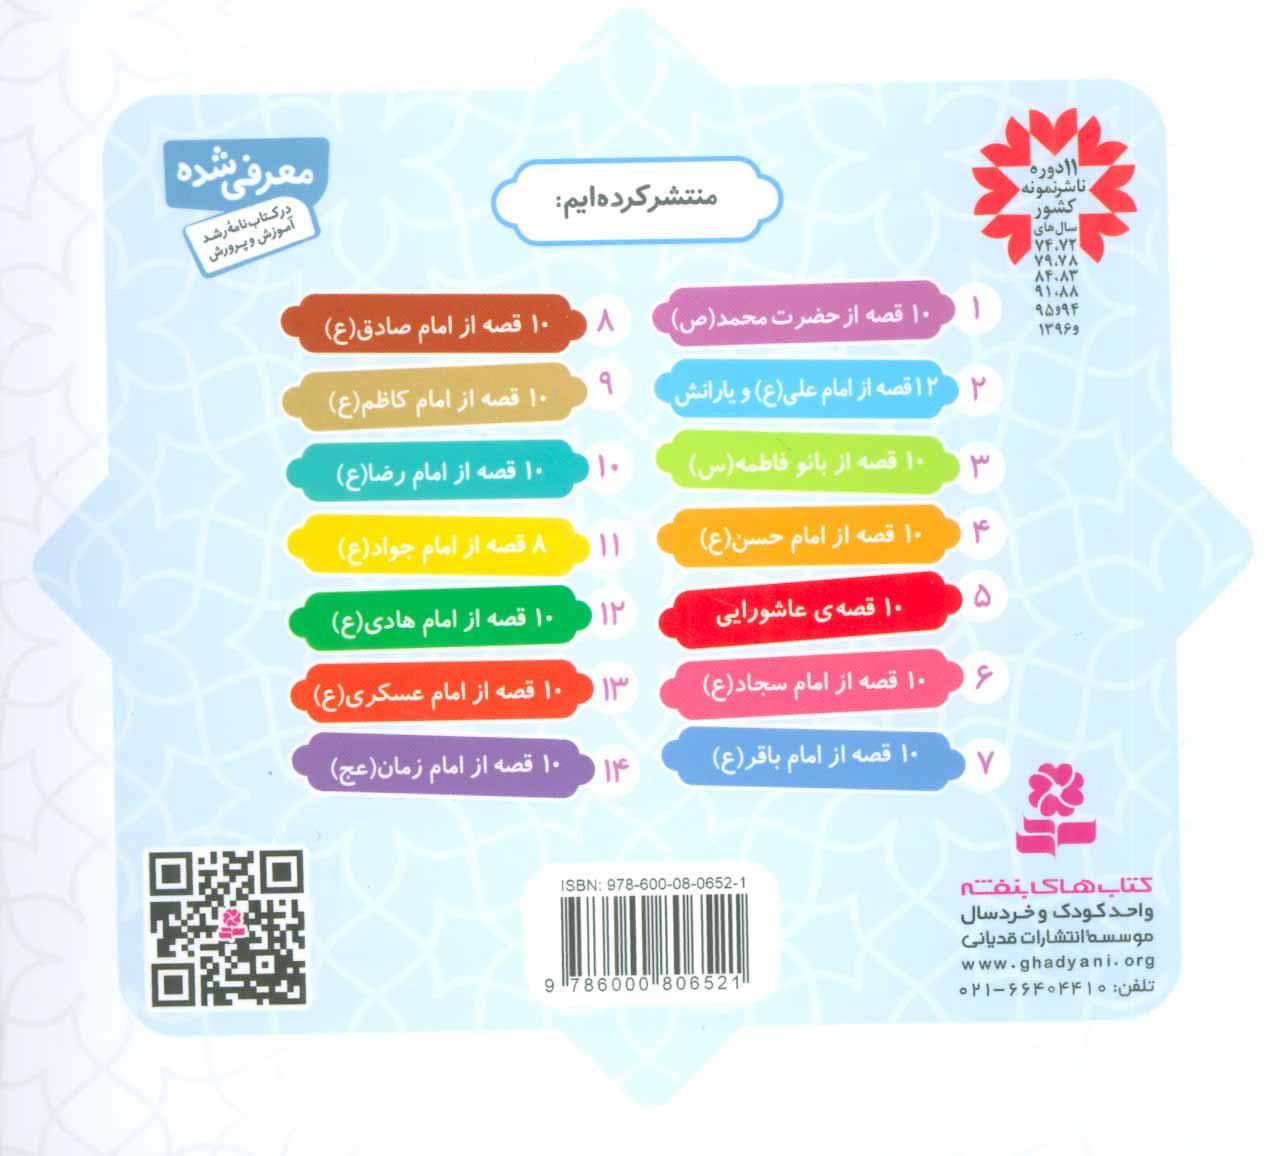 مجموعه 12 قصه از امام علی (ع) و یارانش با نگاهی به نهج البلاغه (همراه با معصومین 2)،(گلاسه)